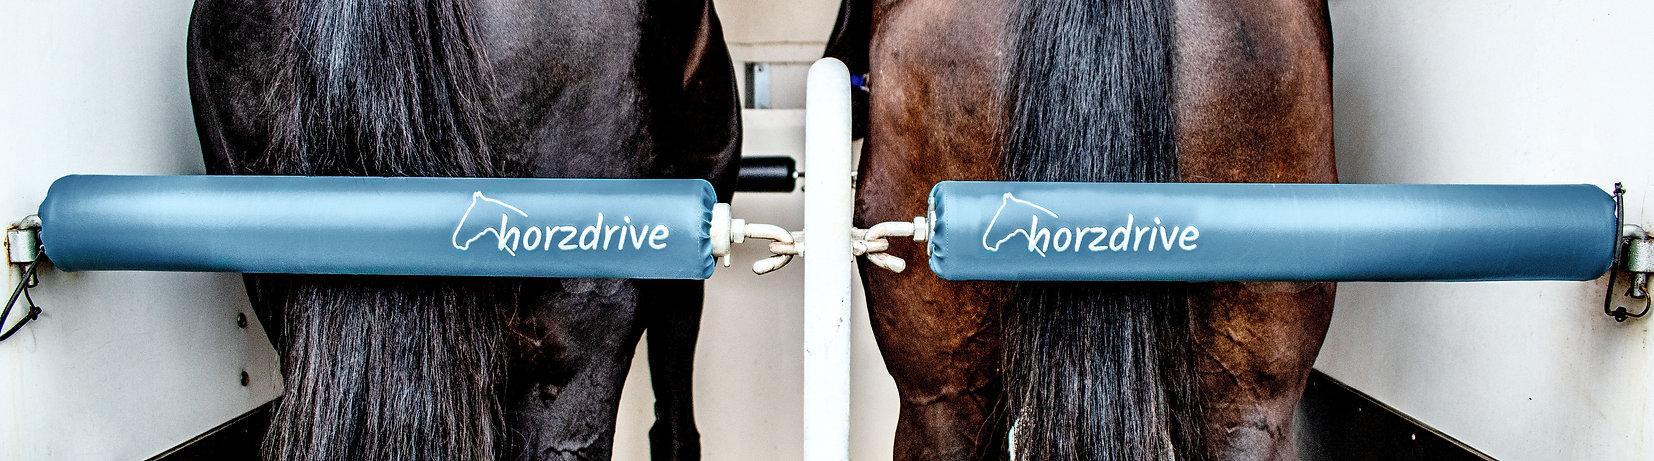 Polster Ausstattung Pferdeanhänger horzdrive